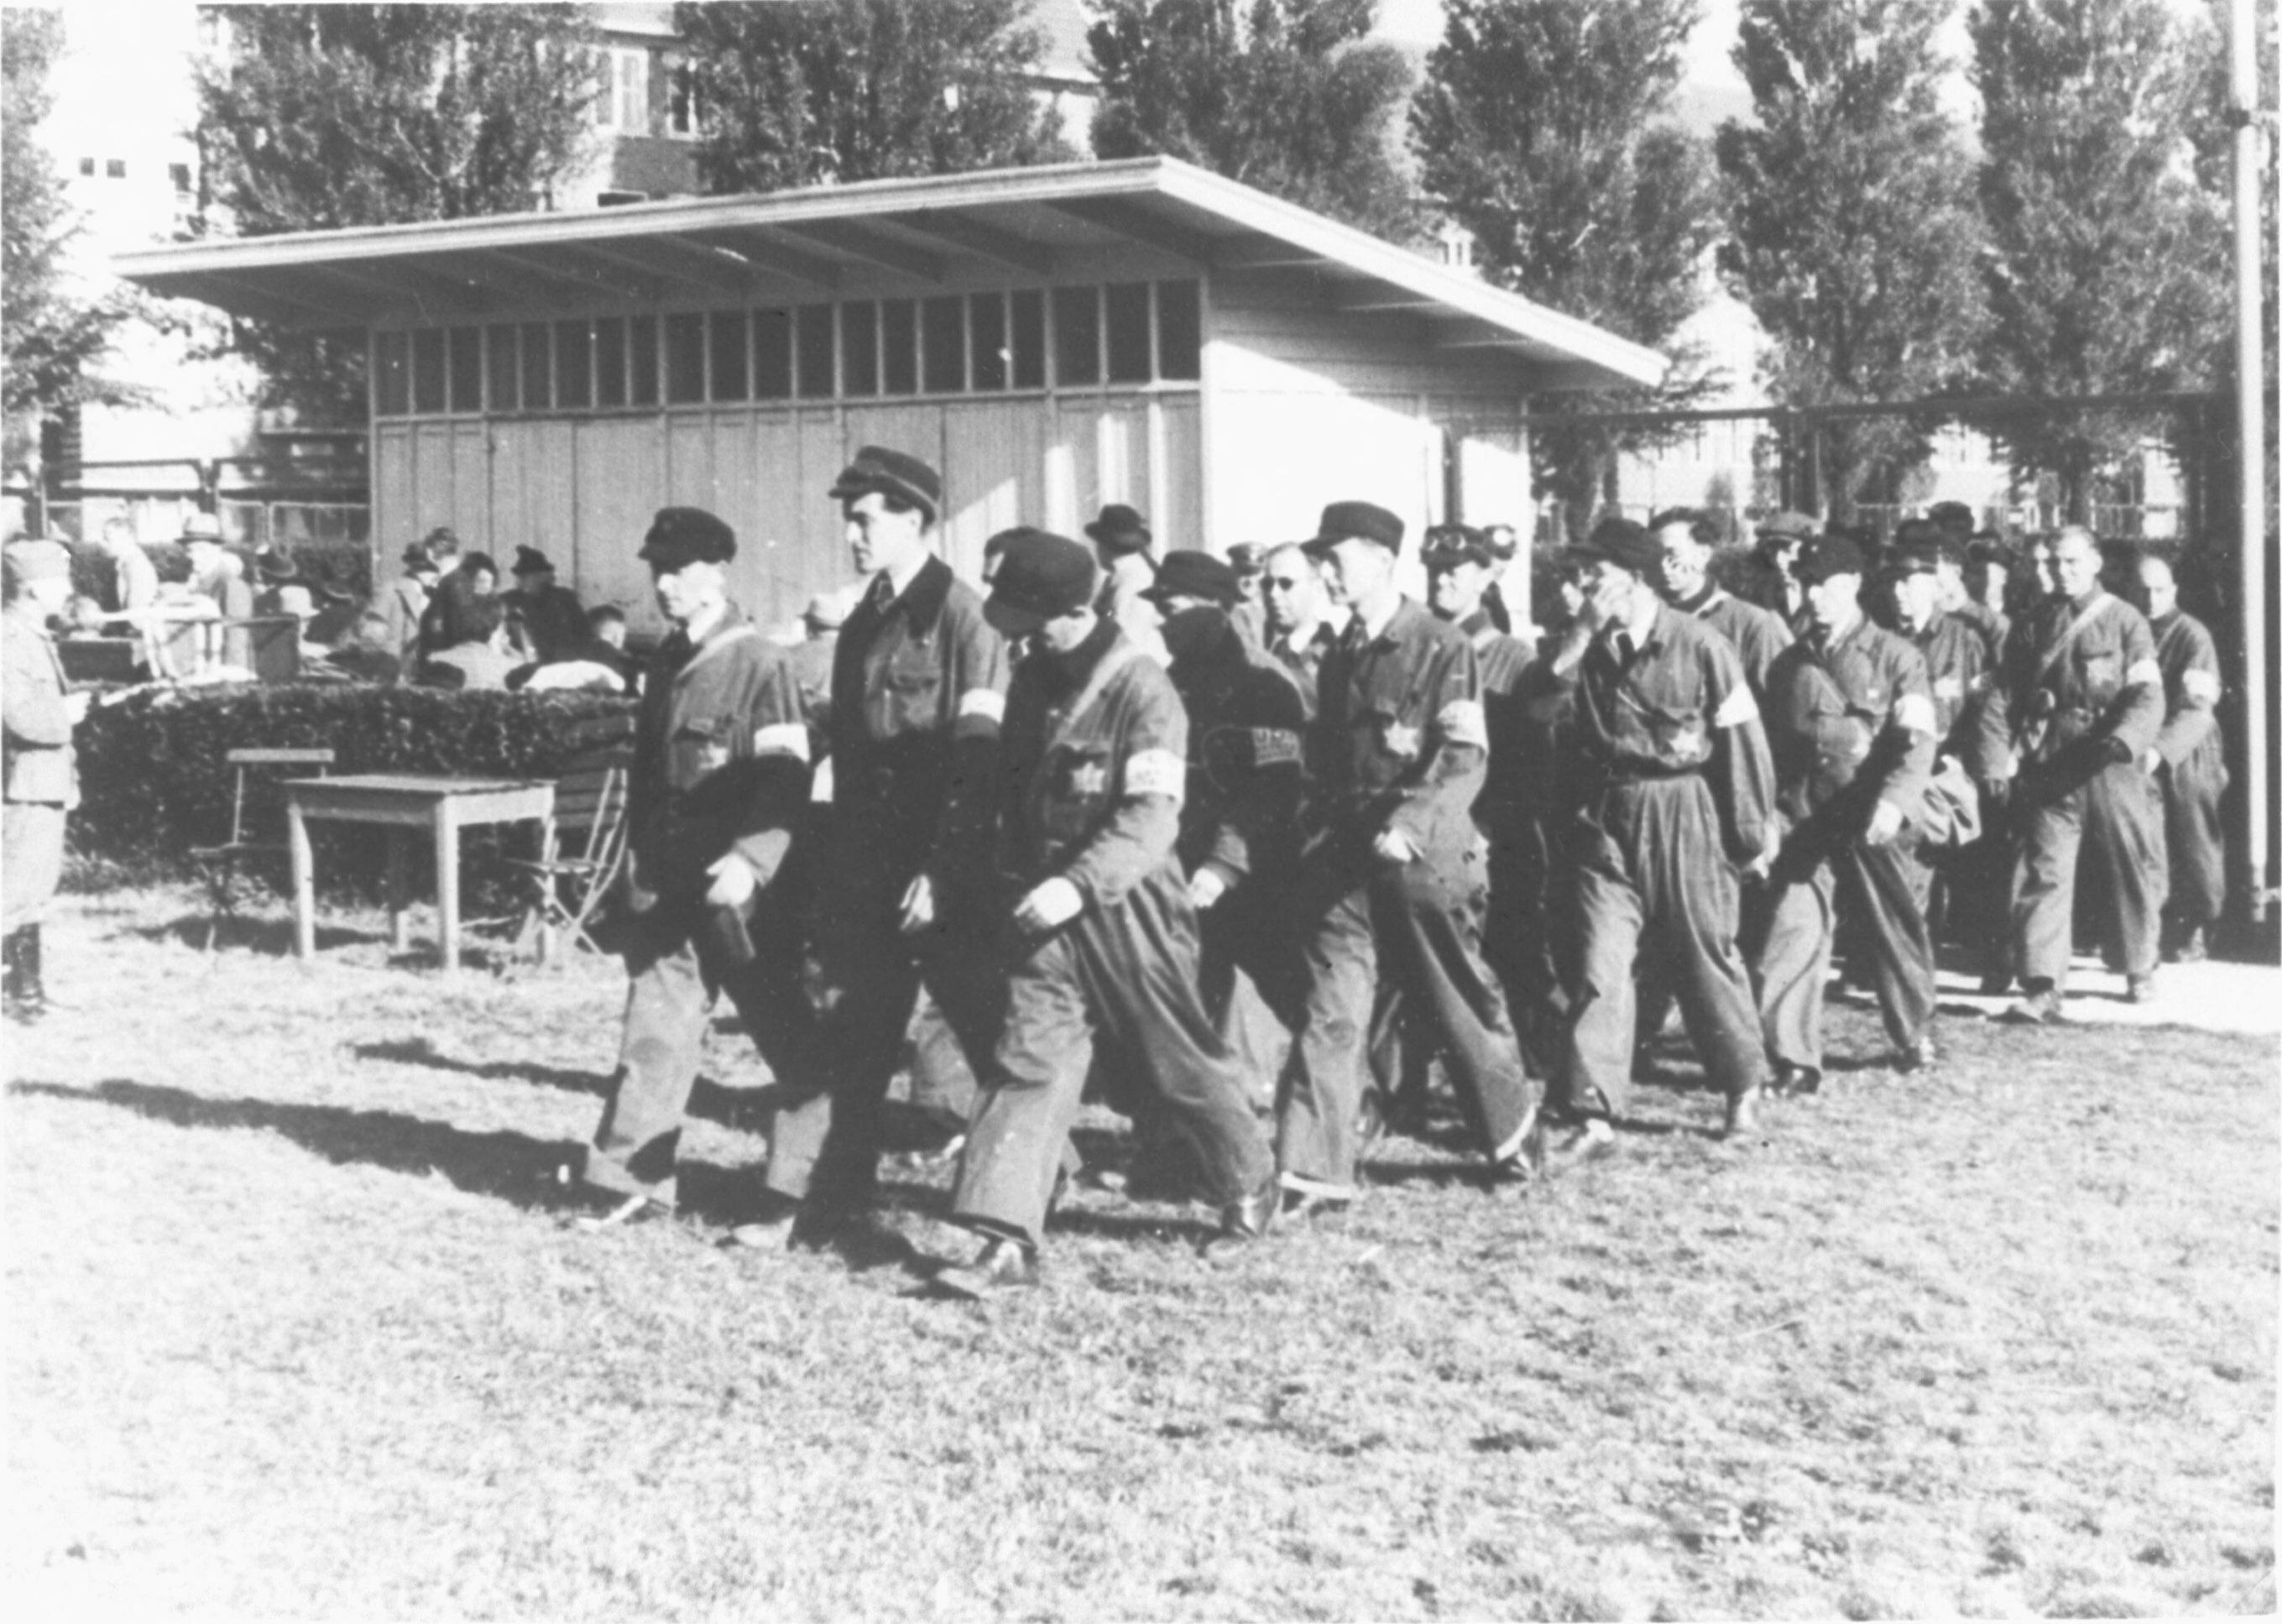 De Joodse Ordedienst bij het Olympiaplein in Amsterdam op 20 mei 1943